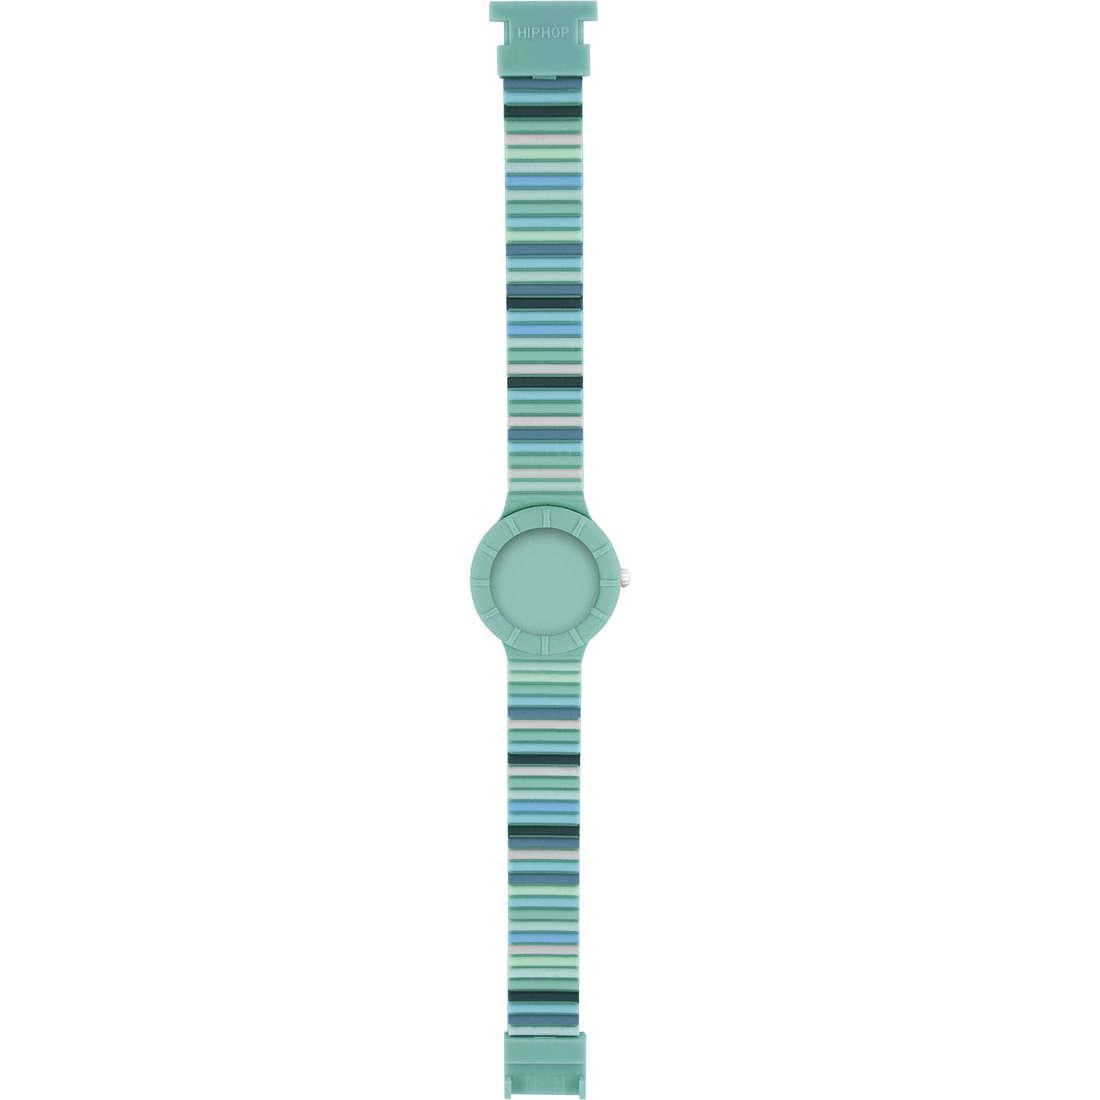 orologio accessorio unisex Hip Hop MIllerighe HBU0343